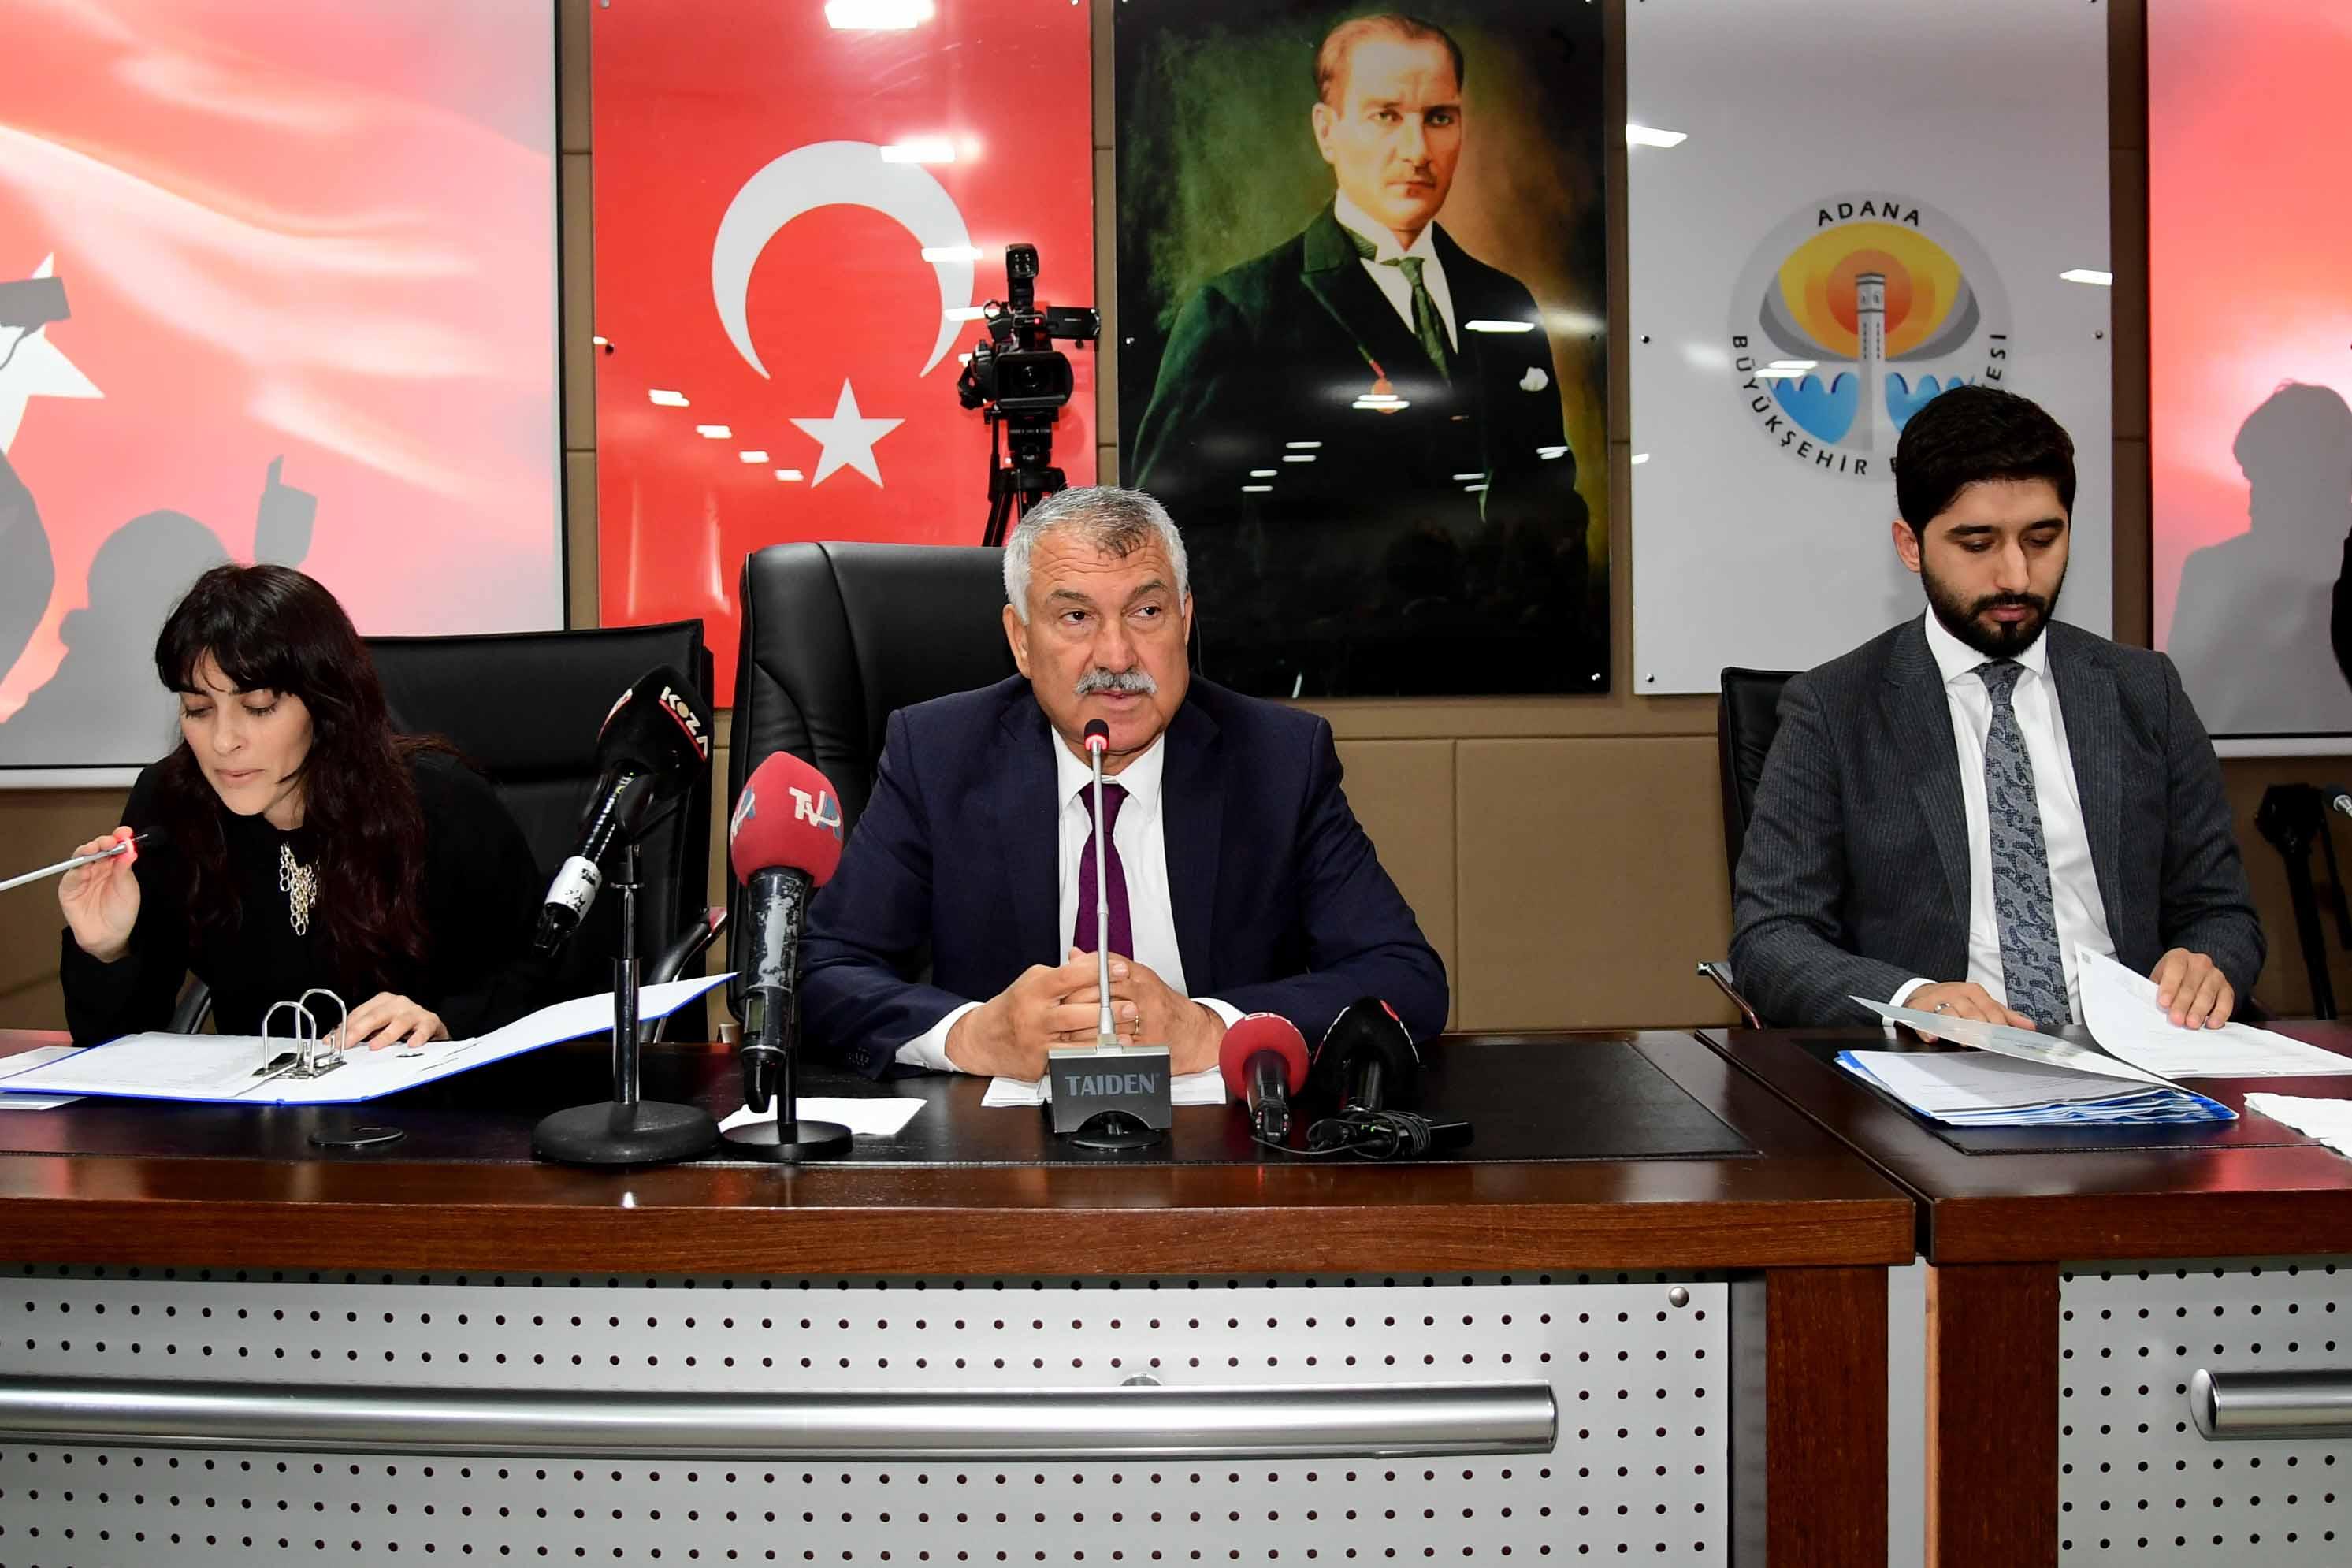 Adana Büyükşehir Belediye Meclisi, Zeydan Karalar Başkanlığında ilk toplantısını gerçekleştirdi.